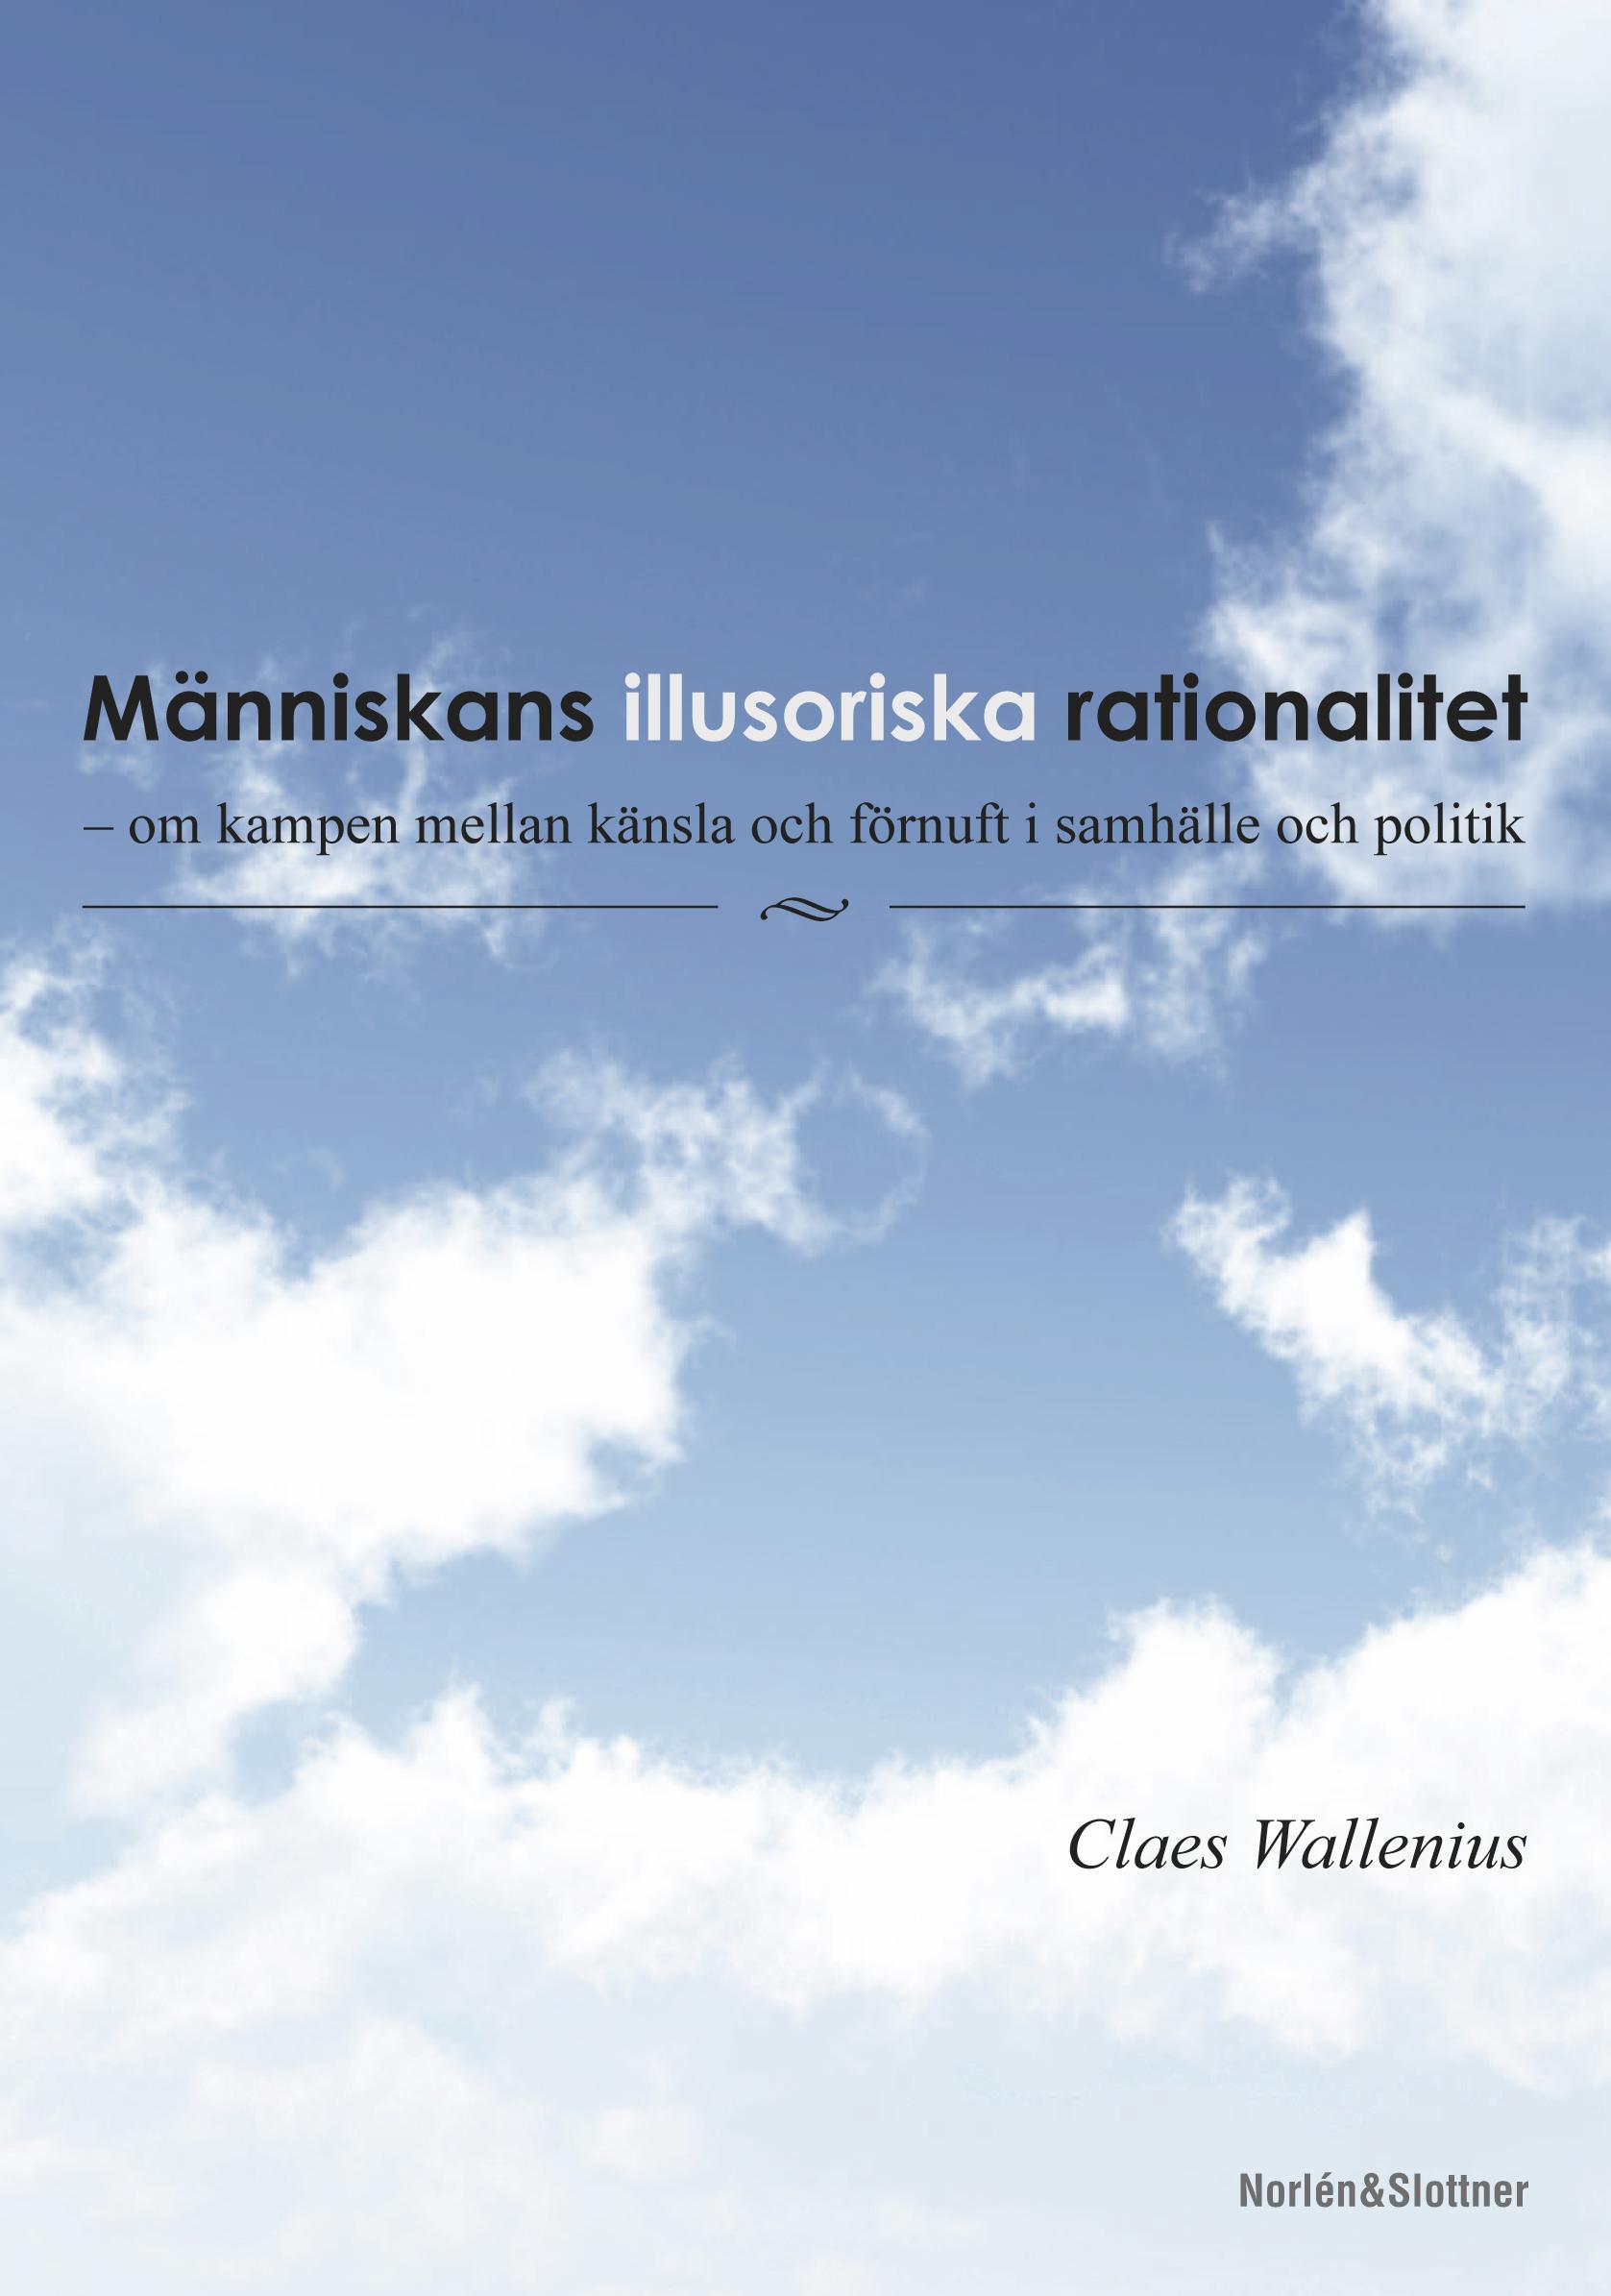 Människans illusoriska rationalitet – om kampen mellan känsla och förnuft i samhälle och politik-0